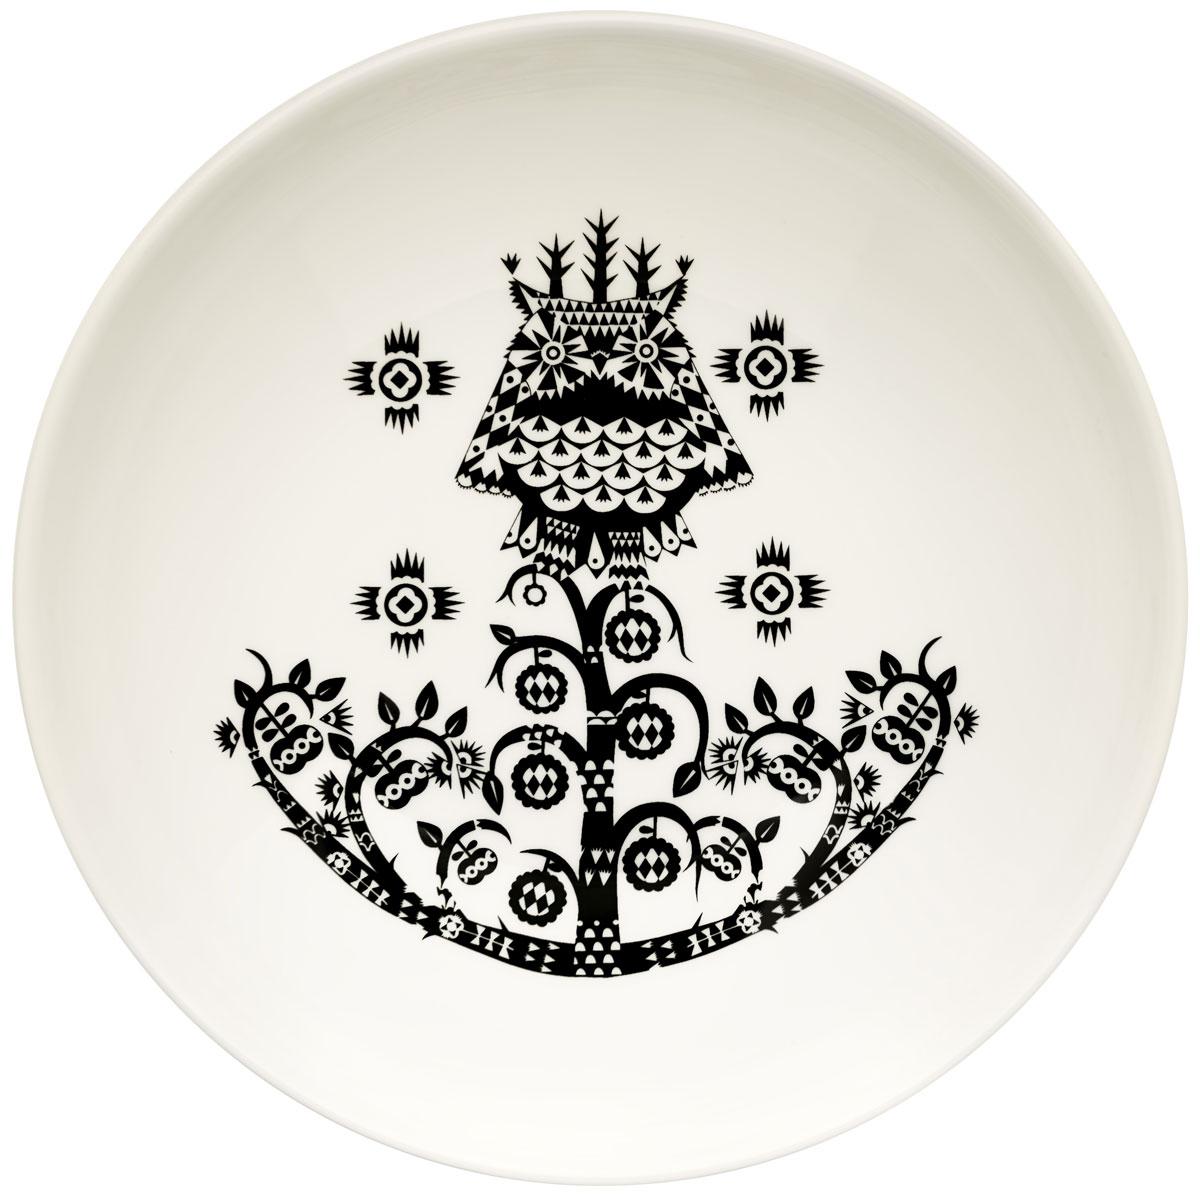 Тарелка глубокая Iittala Taika, цвет: черный, диаметр 20 см1011651Глубокая тарелка Iittala Taika выполнена из качественного жароустойчивого прочного фарфора с долговечным стекловидным эмалевымпокрытием.Можно мыть в посудомоечной машине. Диаметр: 20 см.